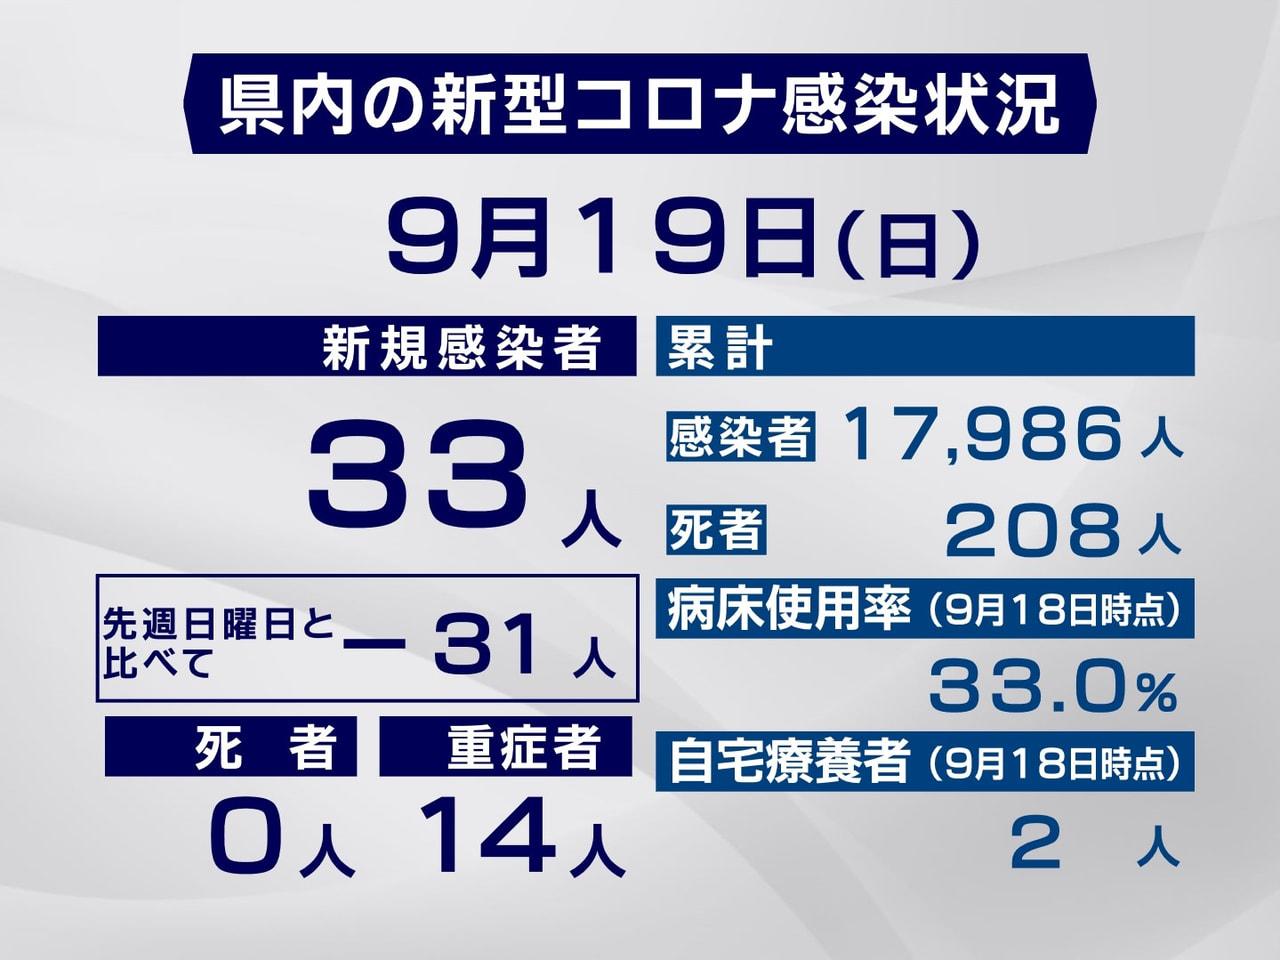 岐阜県と岐阜市は19日、新型コロナウイルスの感染が新たに33人確認されたと発表し...